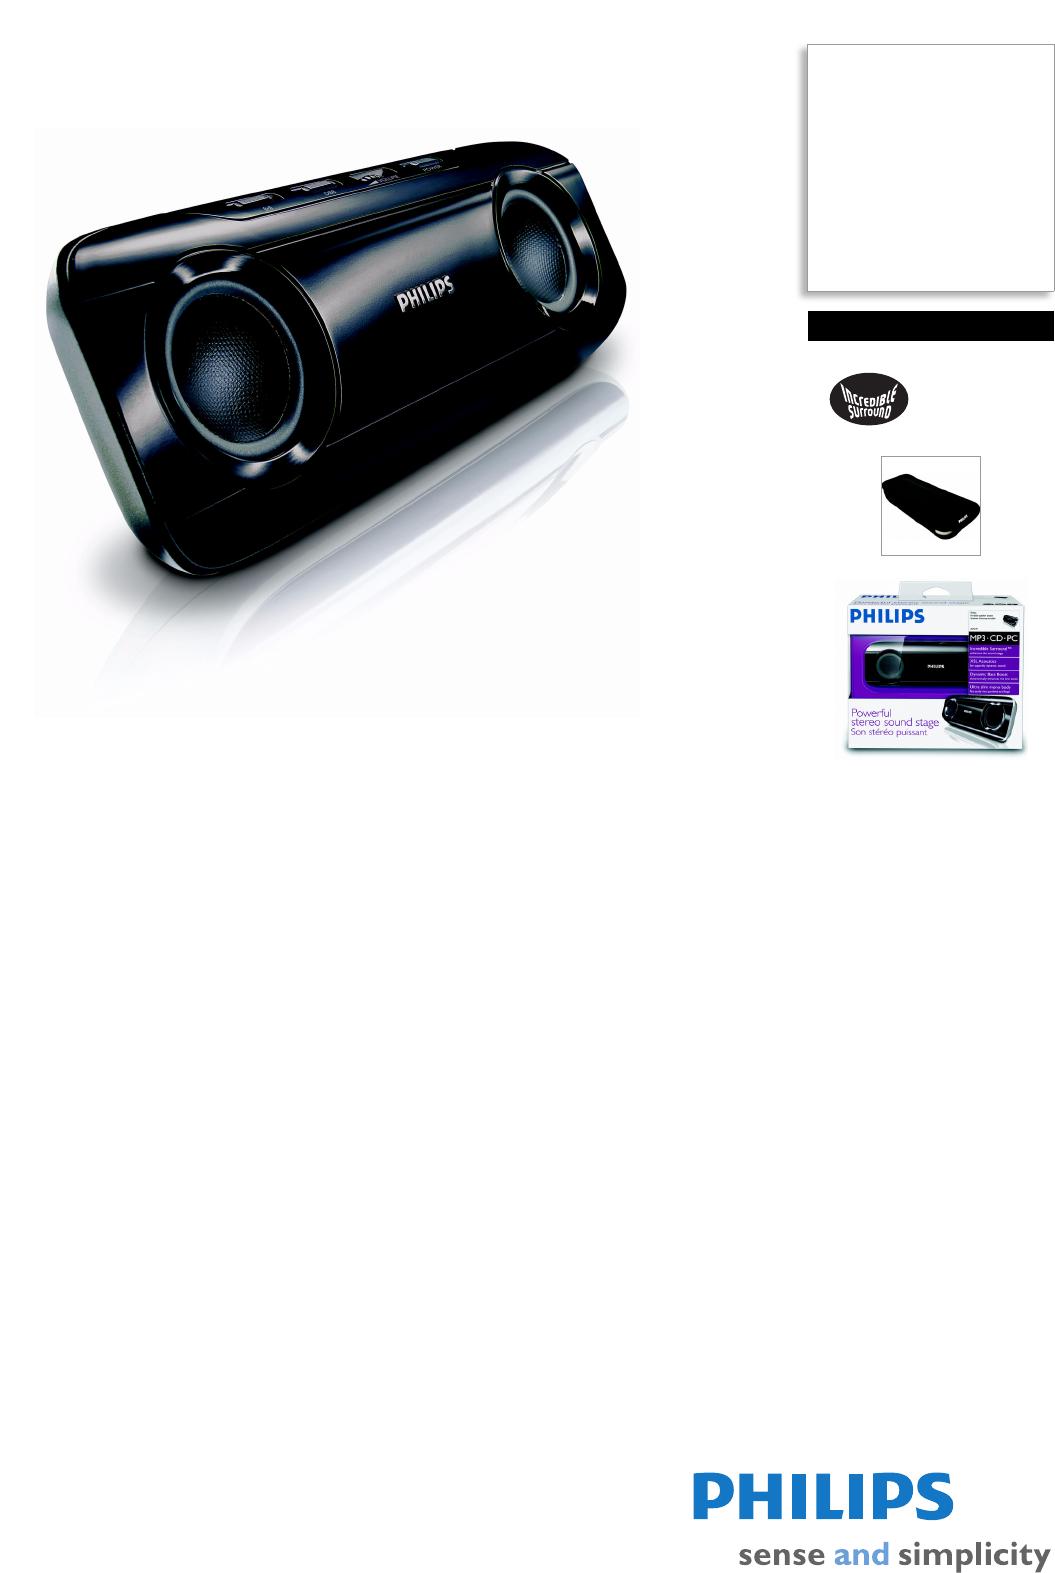 philips portable speaker sba290 user guide manualsonline com rh portablemedia manualsonline com philips dsp2500 5.1 speaker system user manual Philips TV User Manual